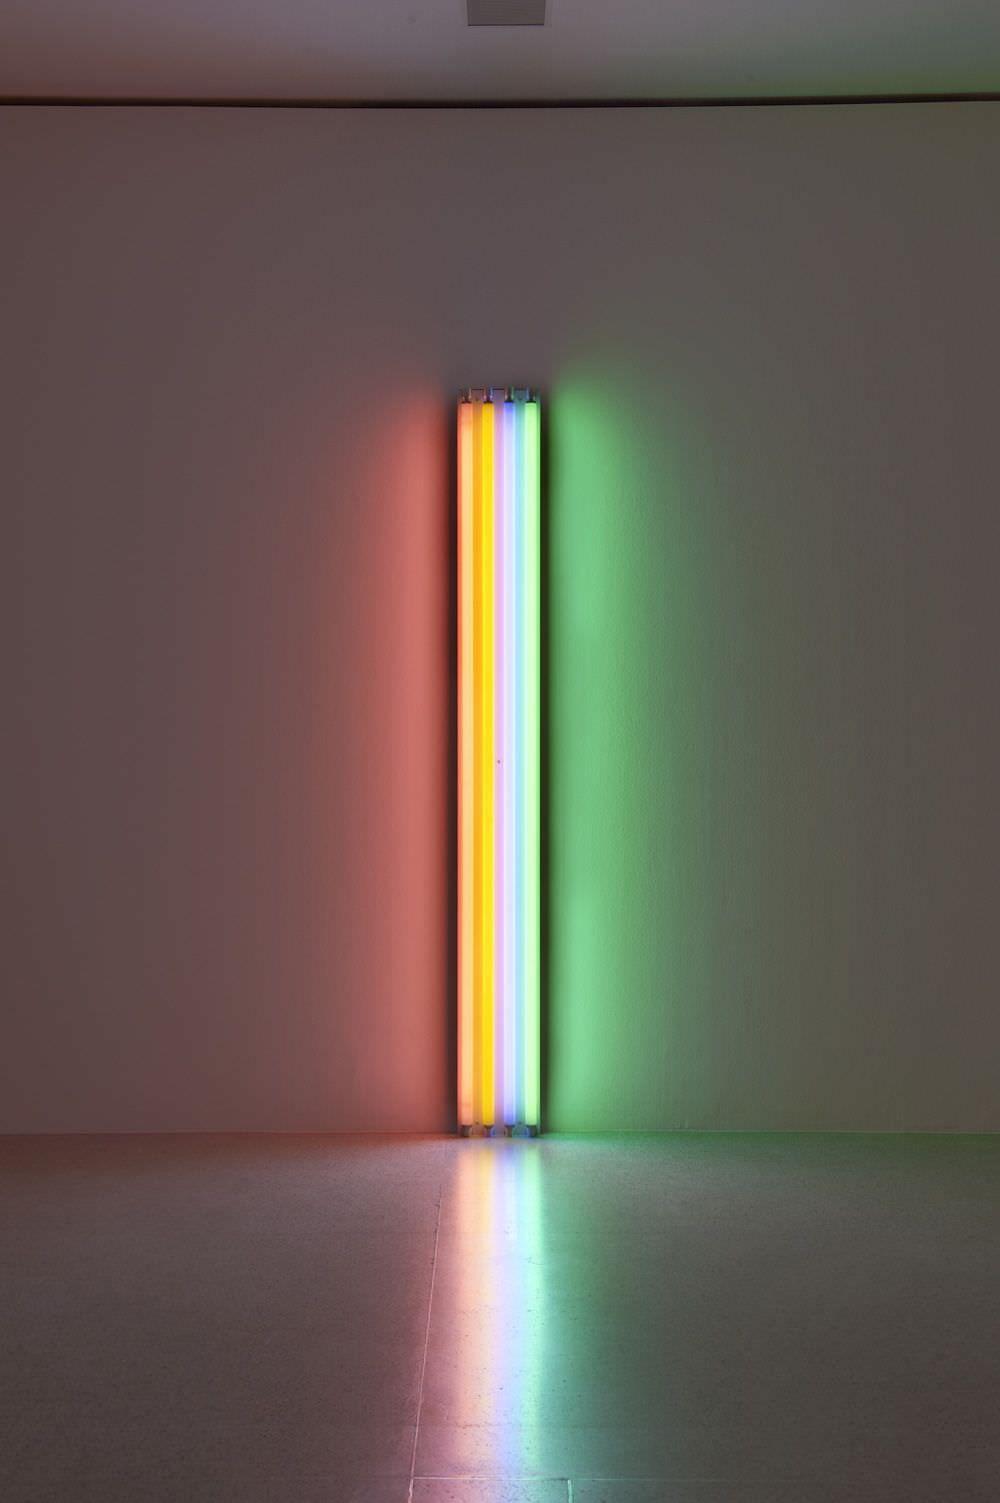 Dan Flavin Untitled To Henri Matisse 1964 Rosa Gelbe Blaue Und Grune Leuchtstoffrohre 244 Cm Hoch Photo Mumok Neonrohren Leuchtstoffrohre Lichtkunst